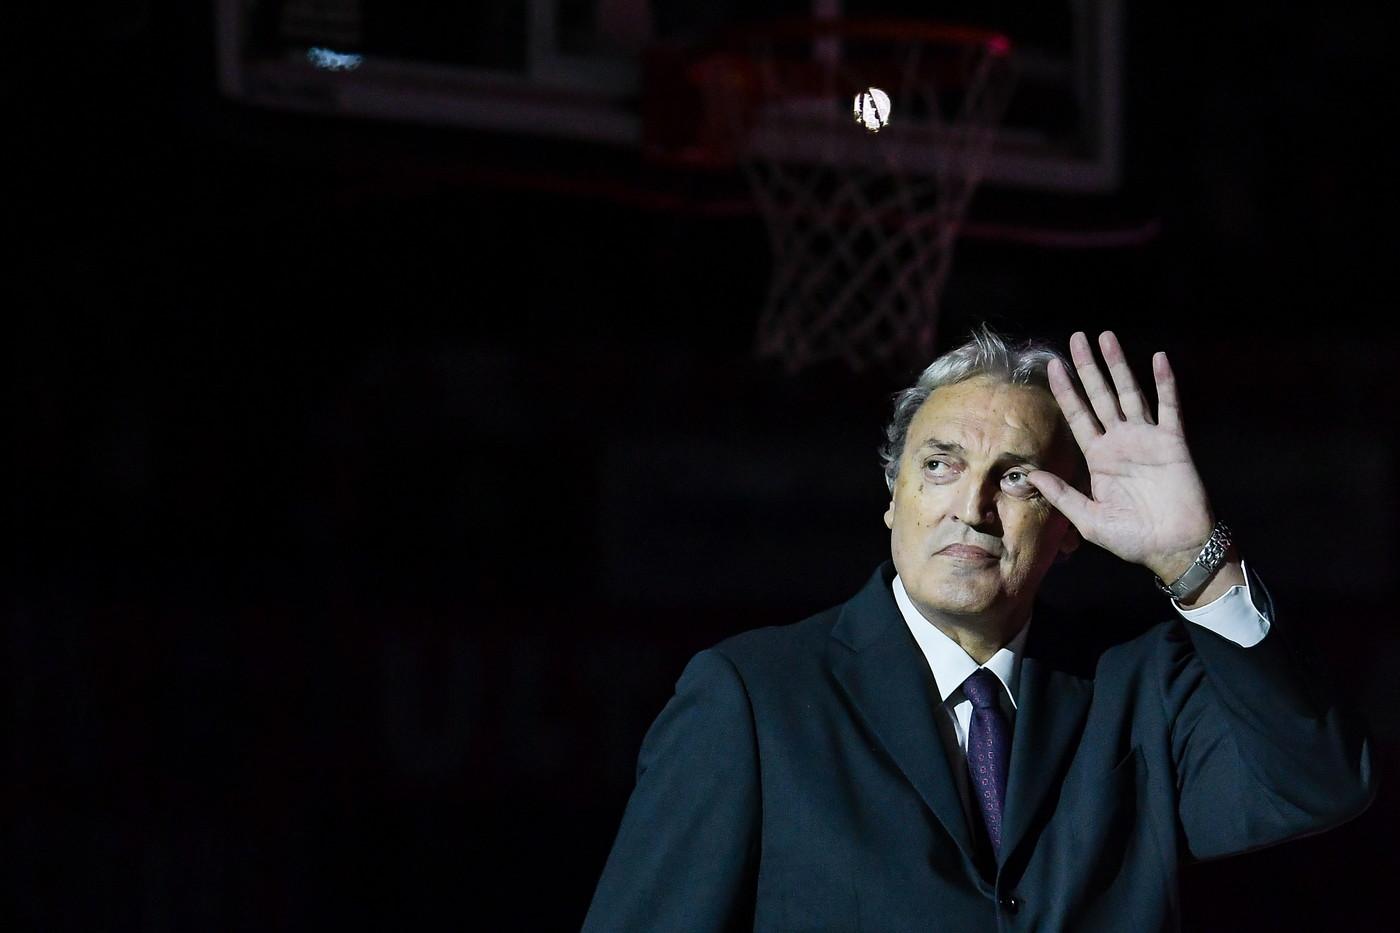 L'Olimpia Milano ha deciso di omaggiare la leggenda del basket italiano Dino Meneghin